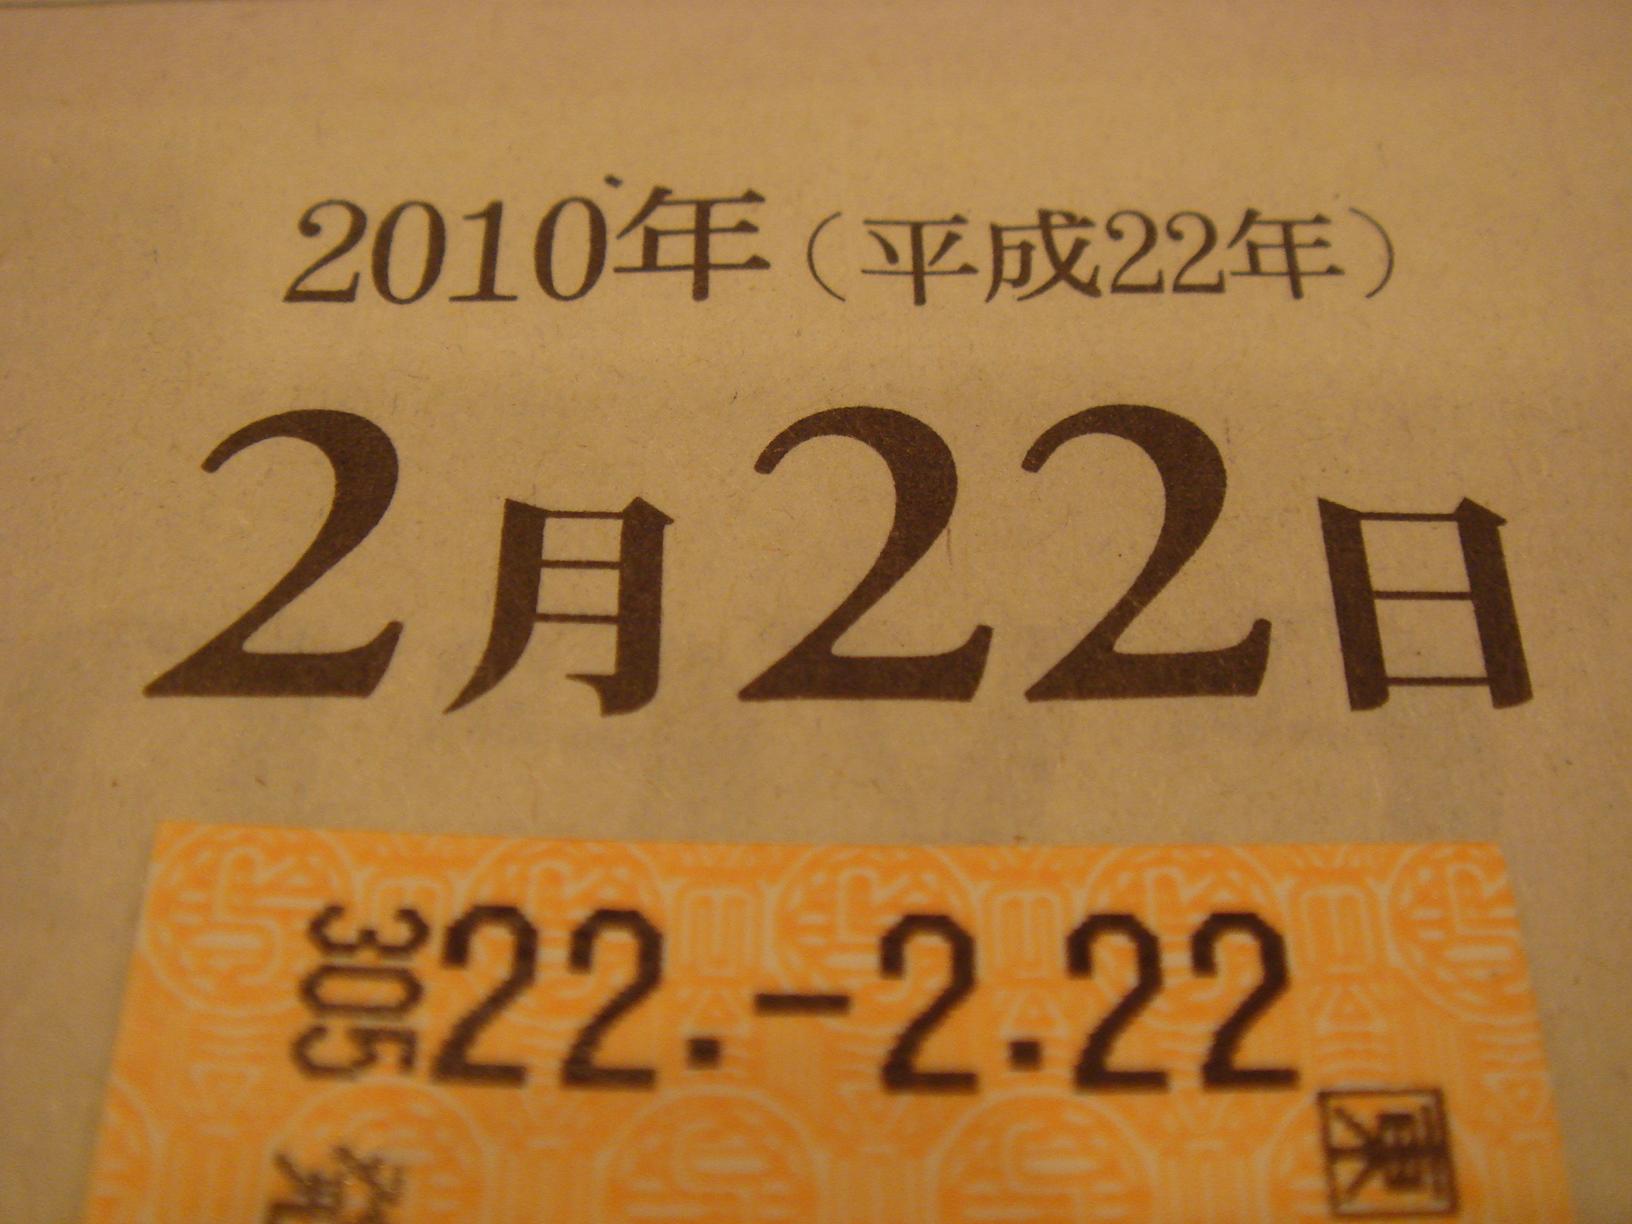 平成22年2月22日で 22222 と刻印された切符